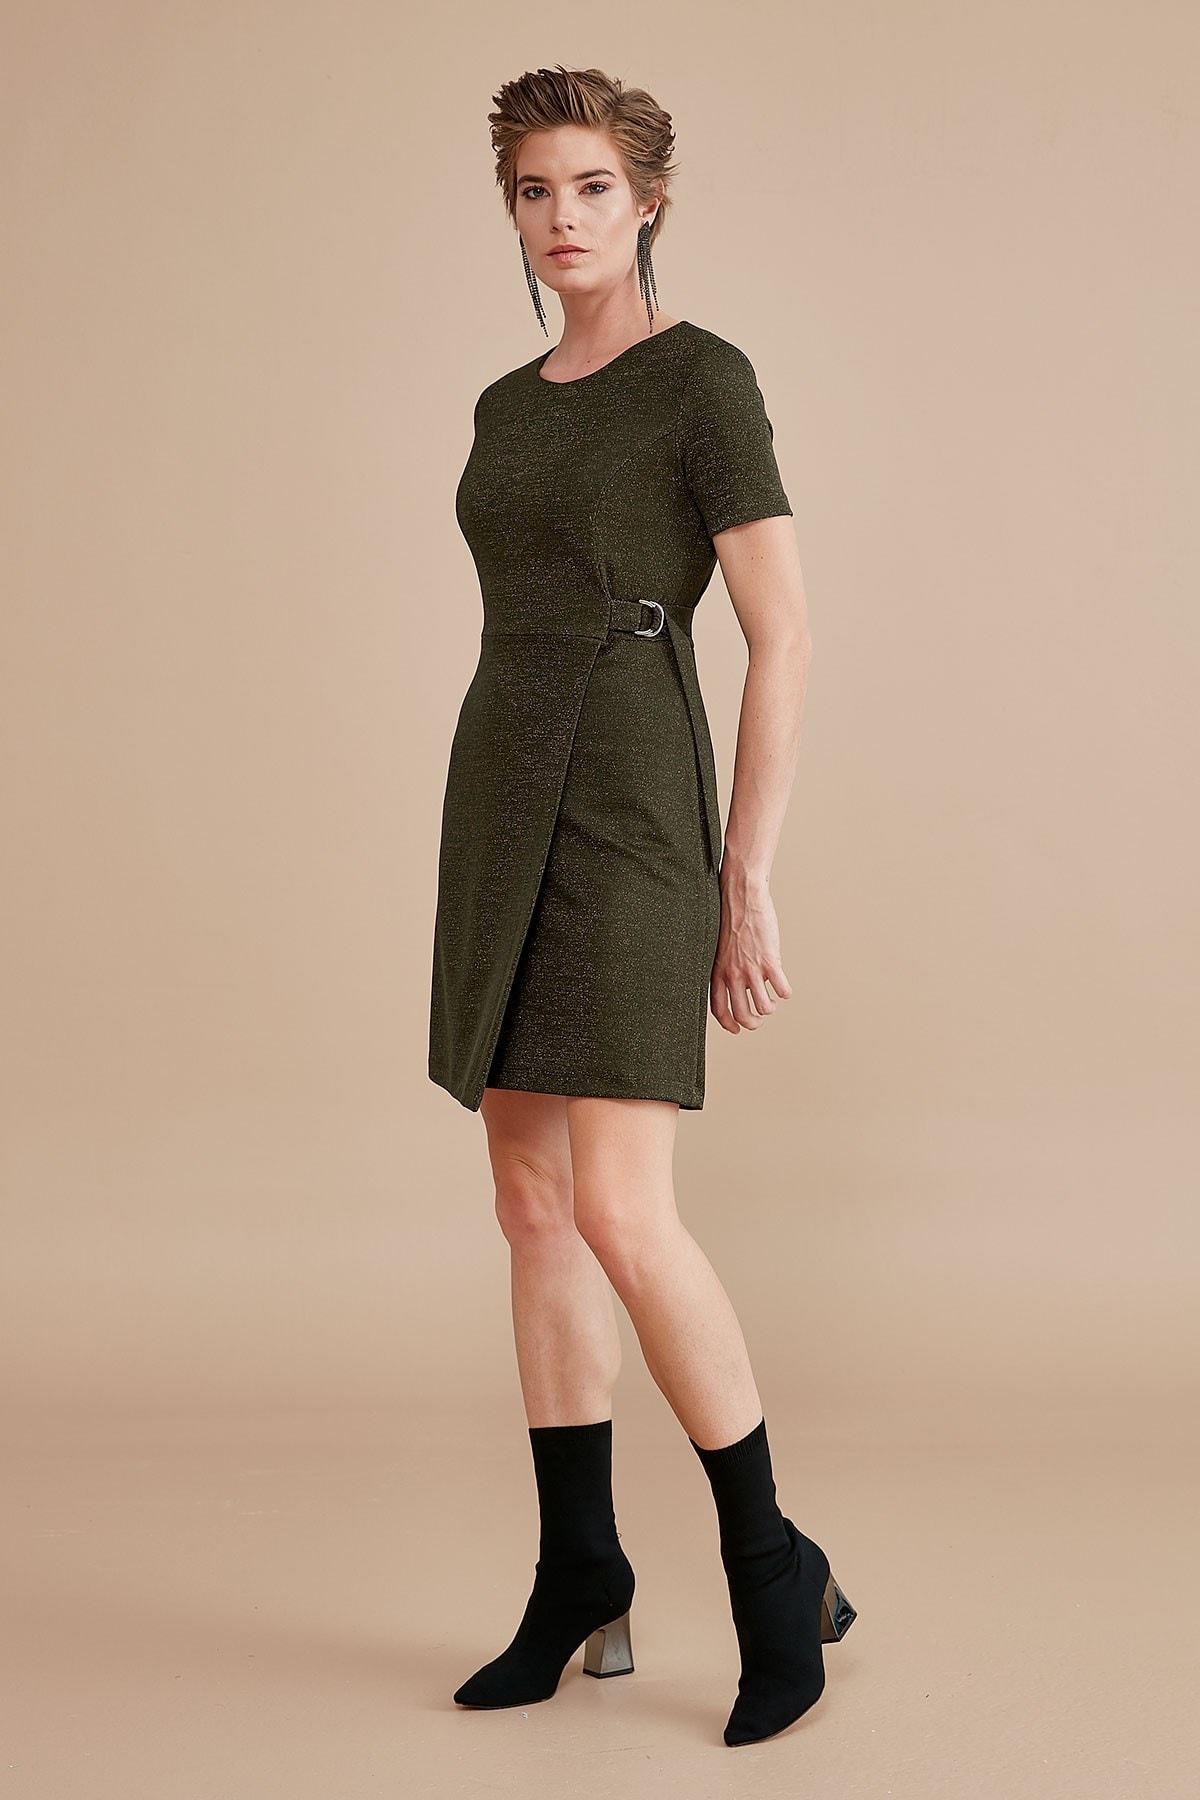 Journey Kadın Haki Sıfır Yaka Sol Dikişten D Toka Detaylı Kısa Kol Anvelop Elbise 19KELB139